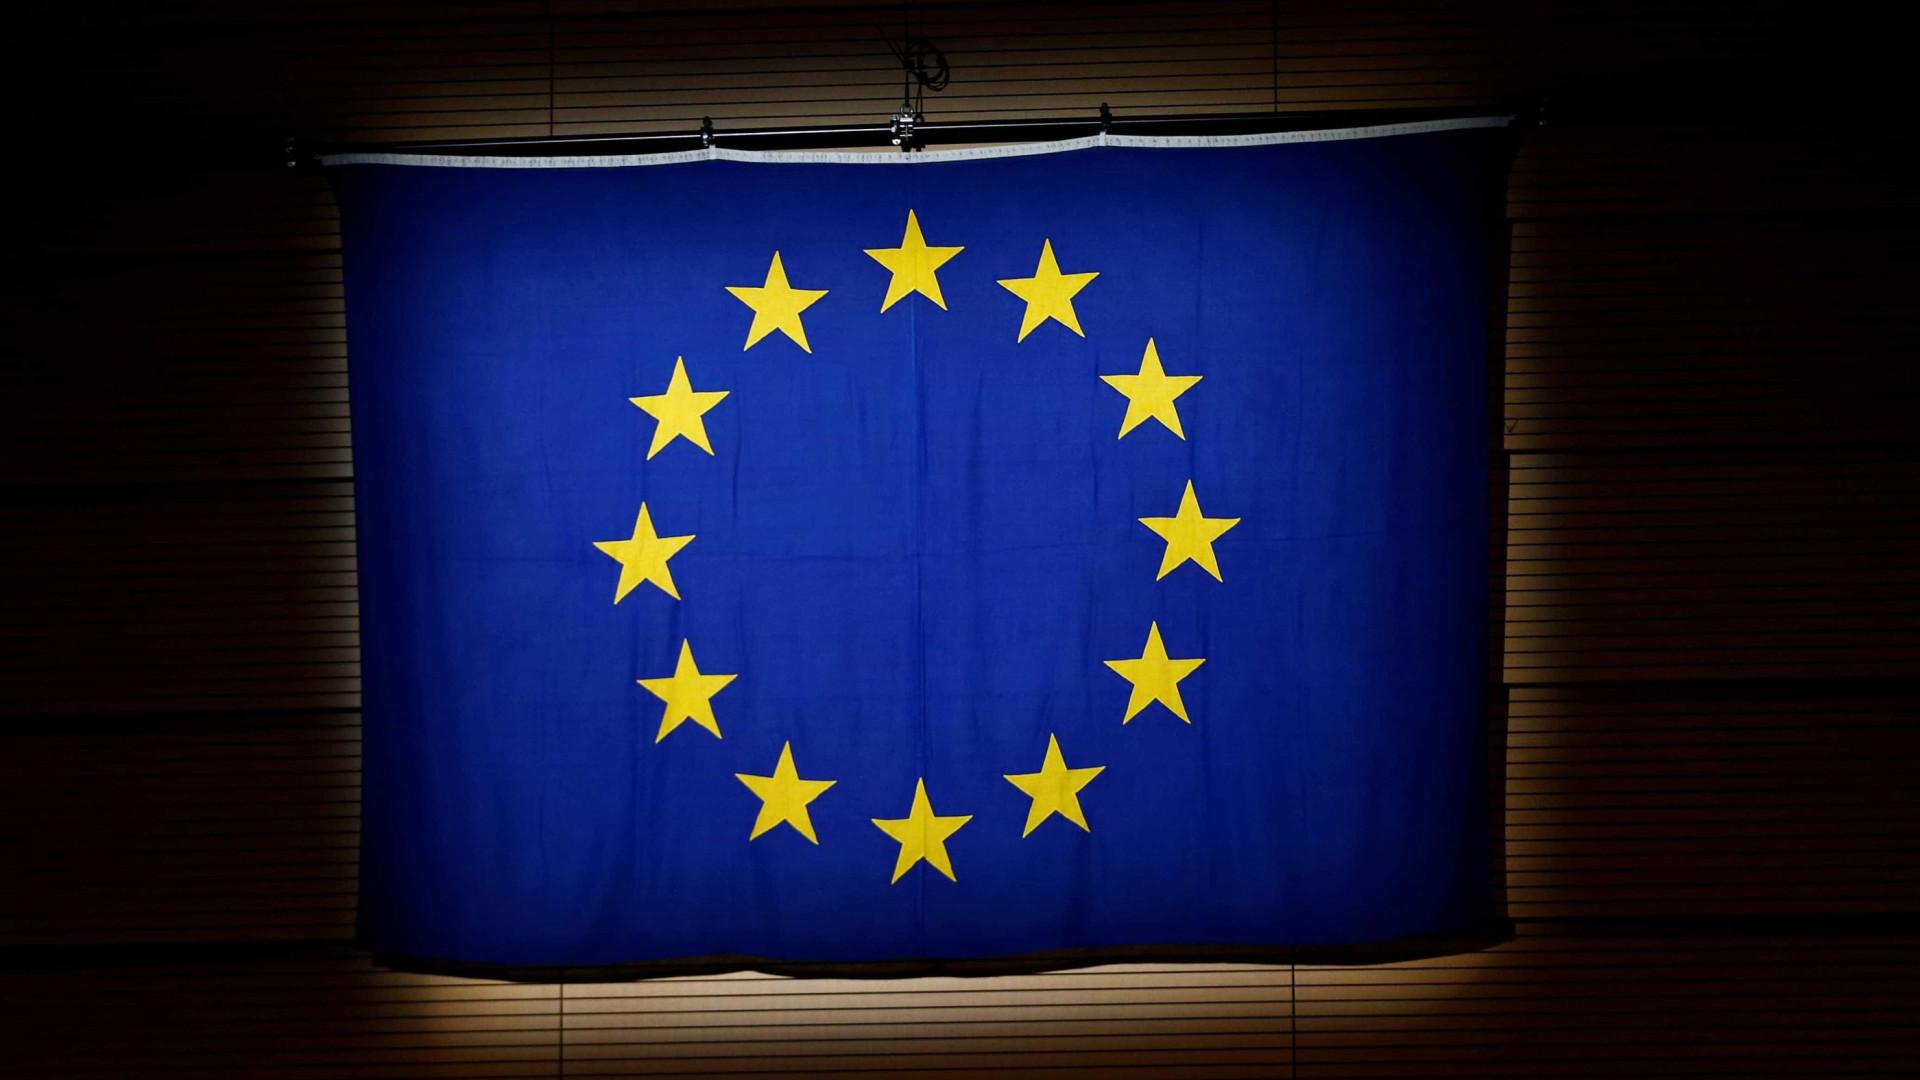 Bruxelas melhoradéficeem葡萄牙para 1,4%em 2017 mas com alerta